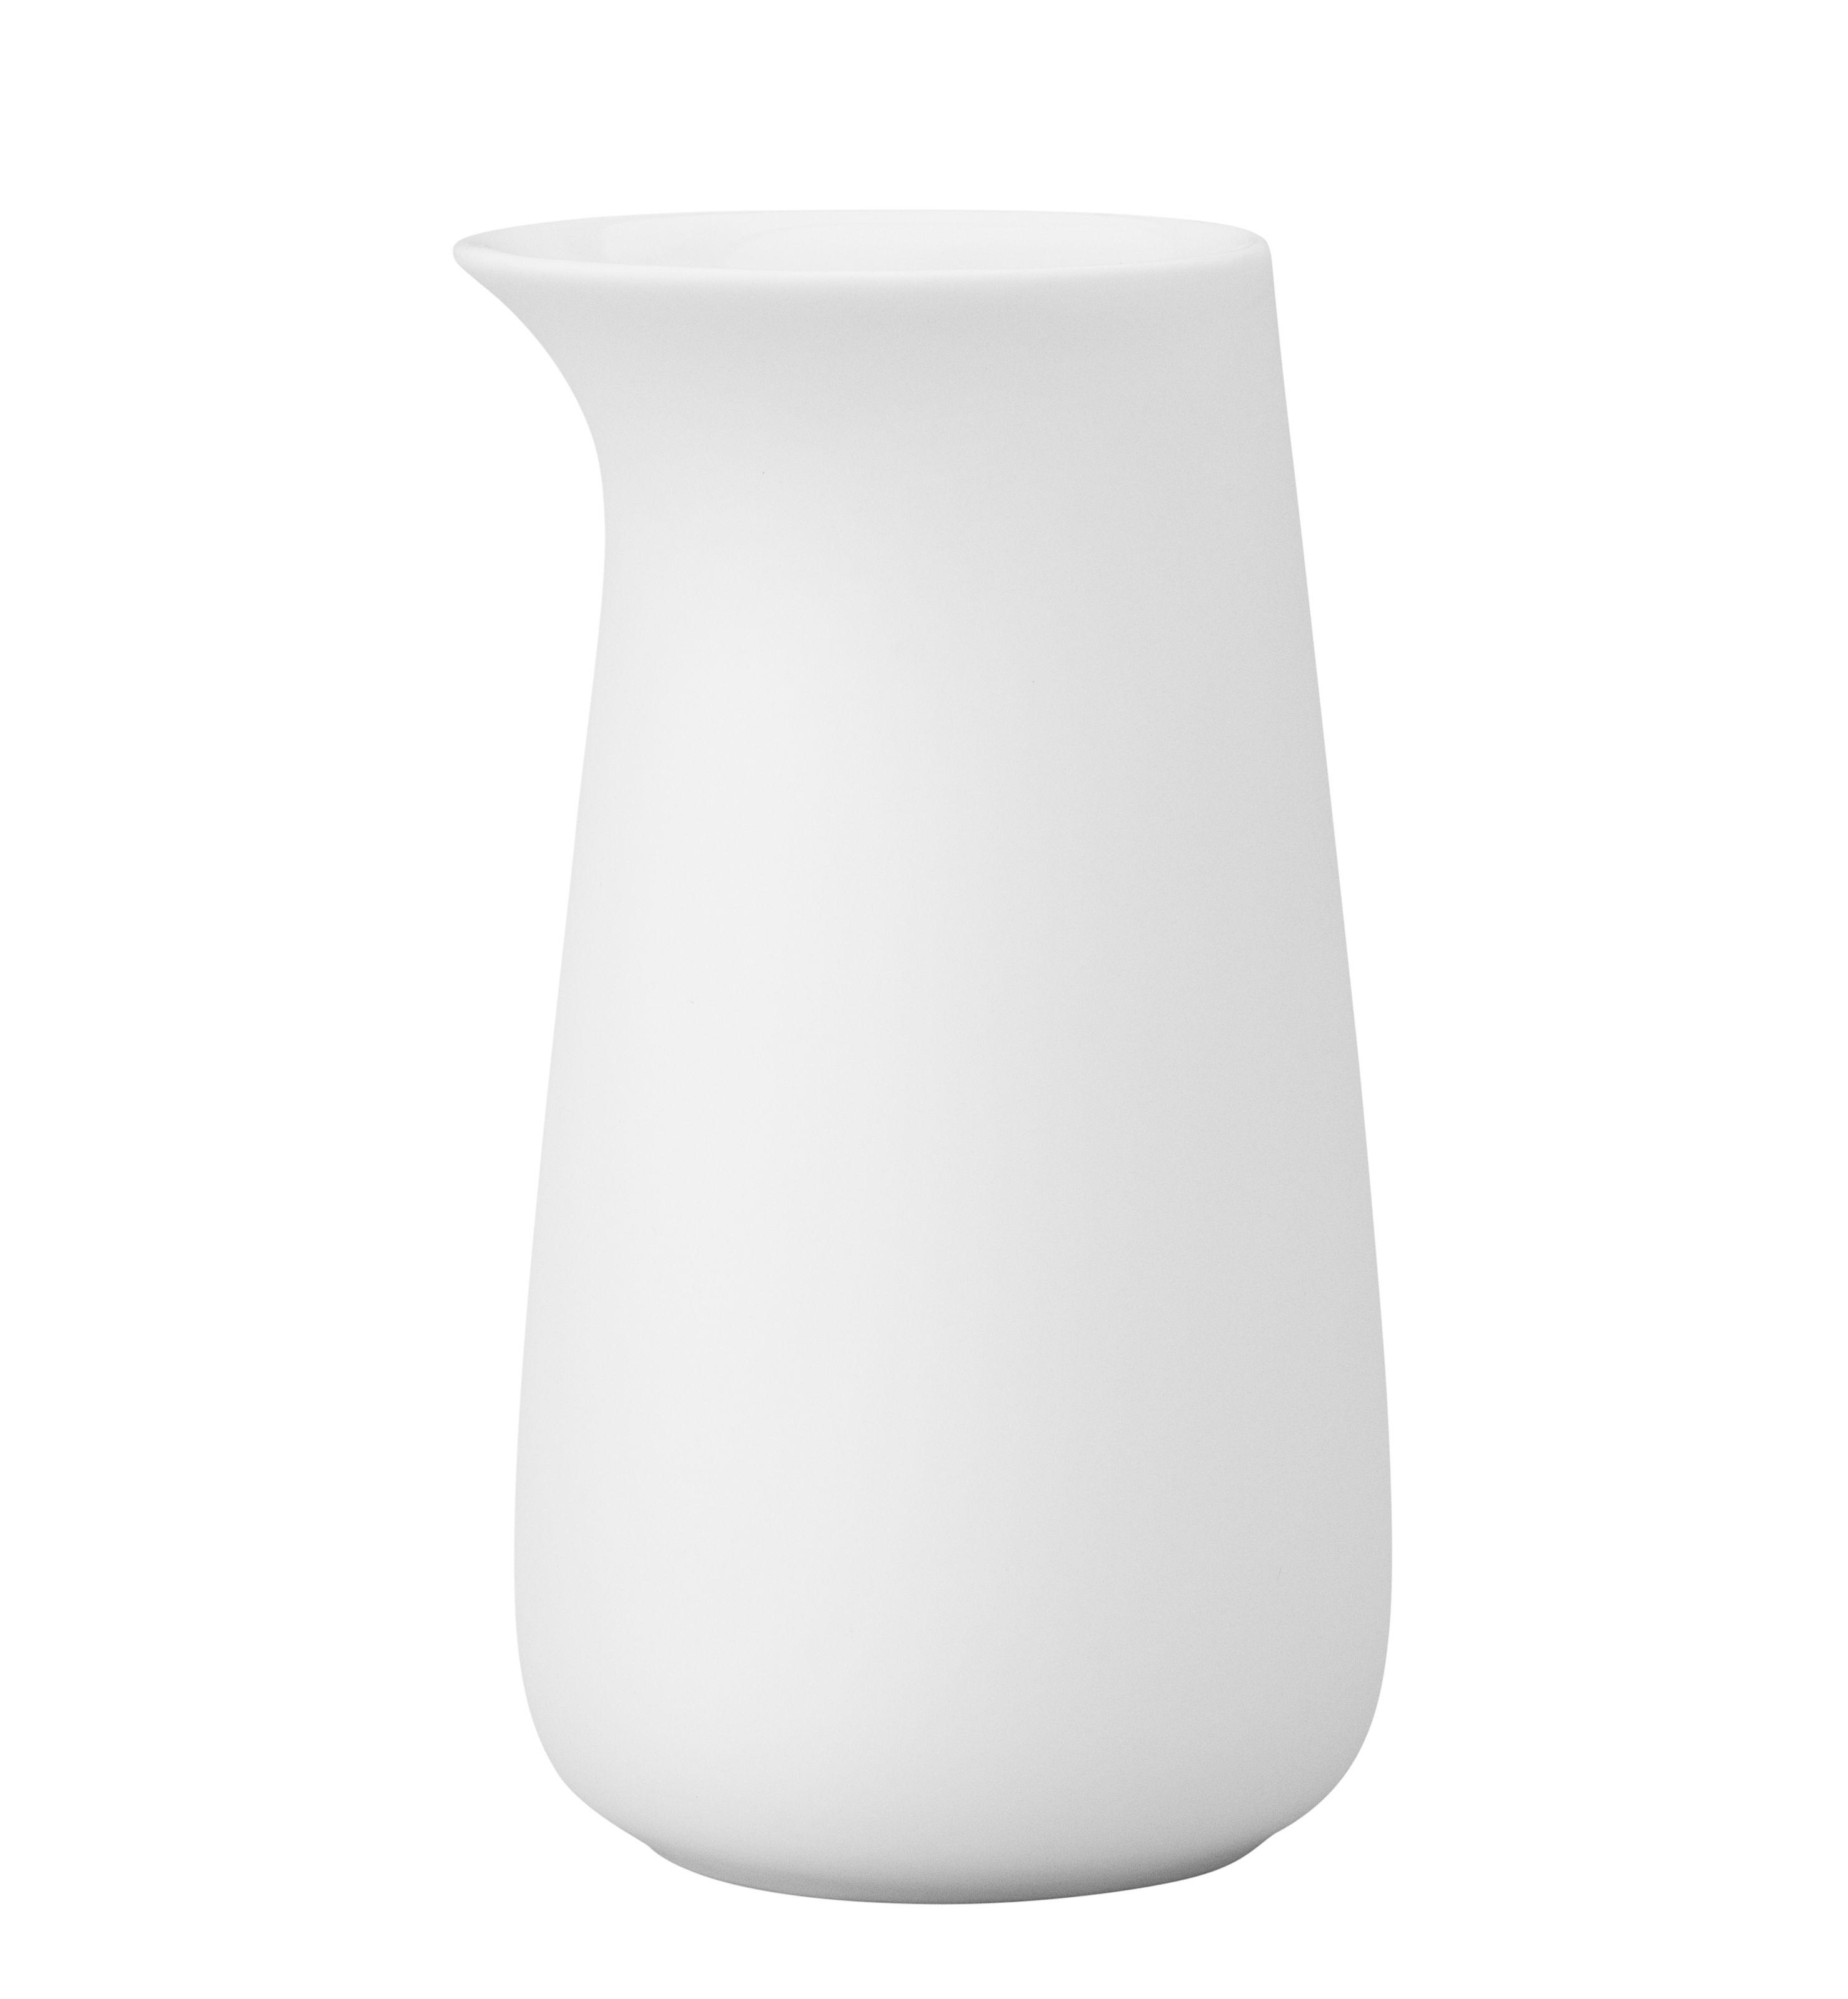 Tischkultur - Tee und Kaffee - Foster Milchtopf / Steinzeug - 0,5 l - Stelton - Weiß - Porzellan